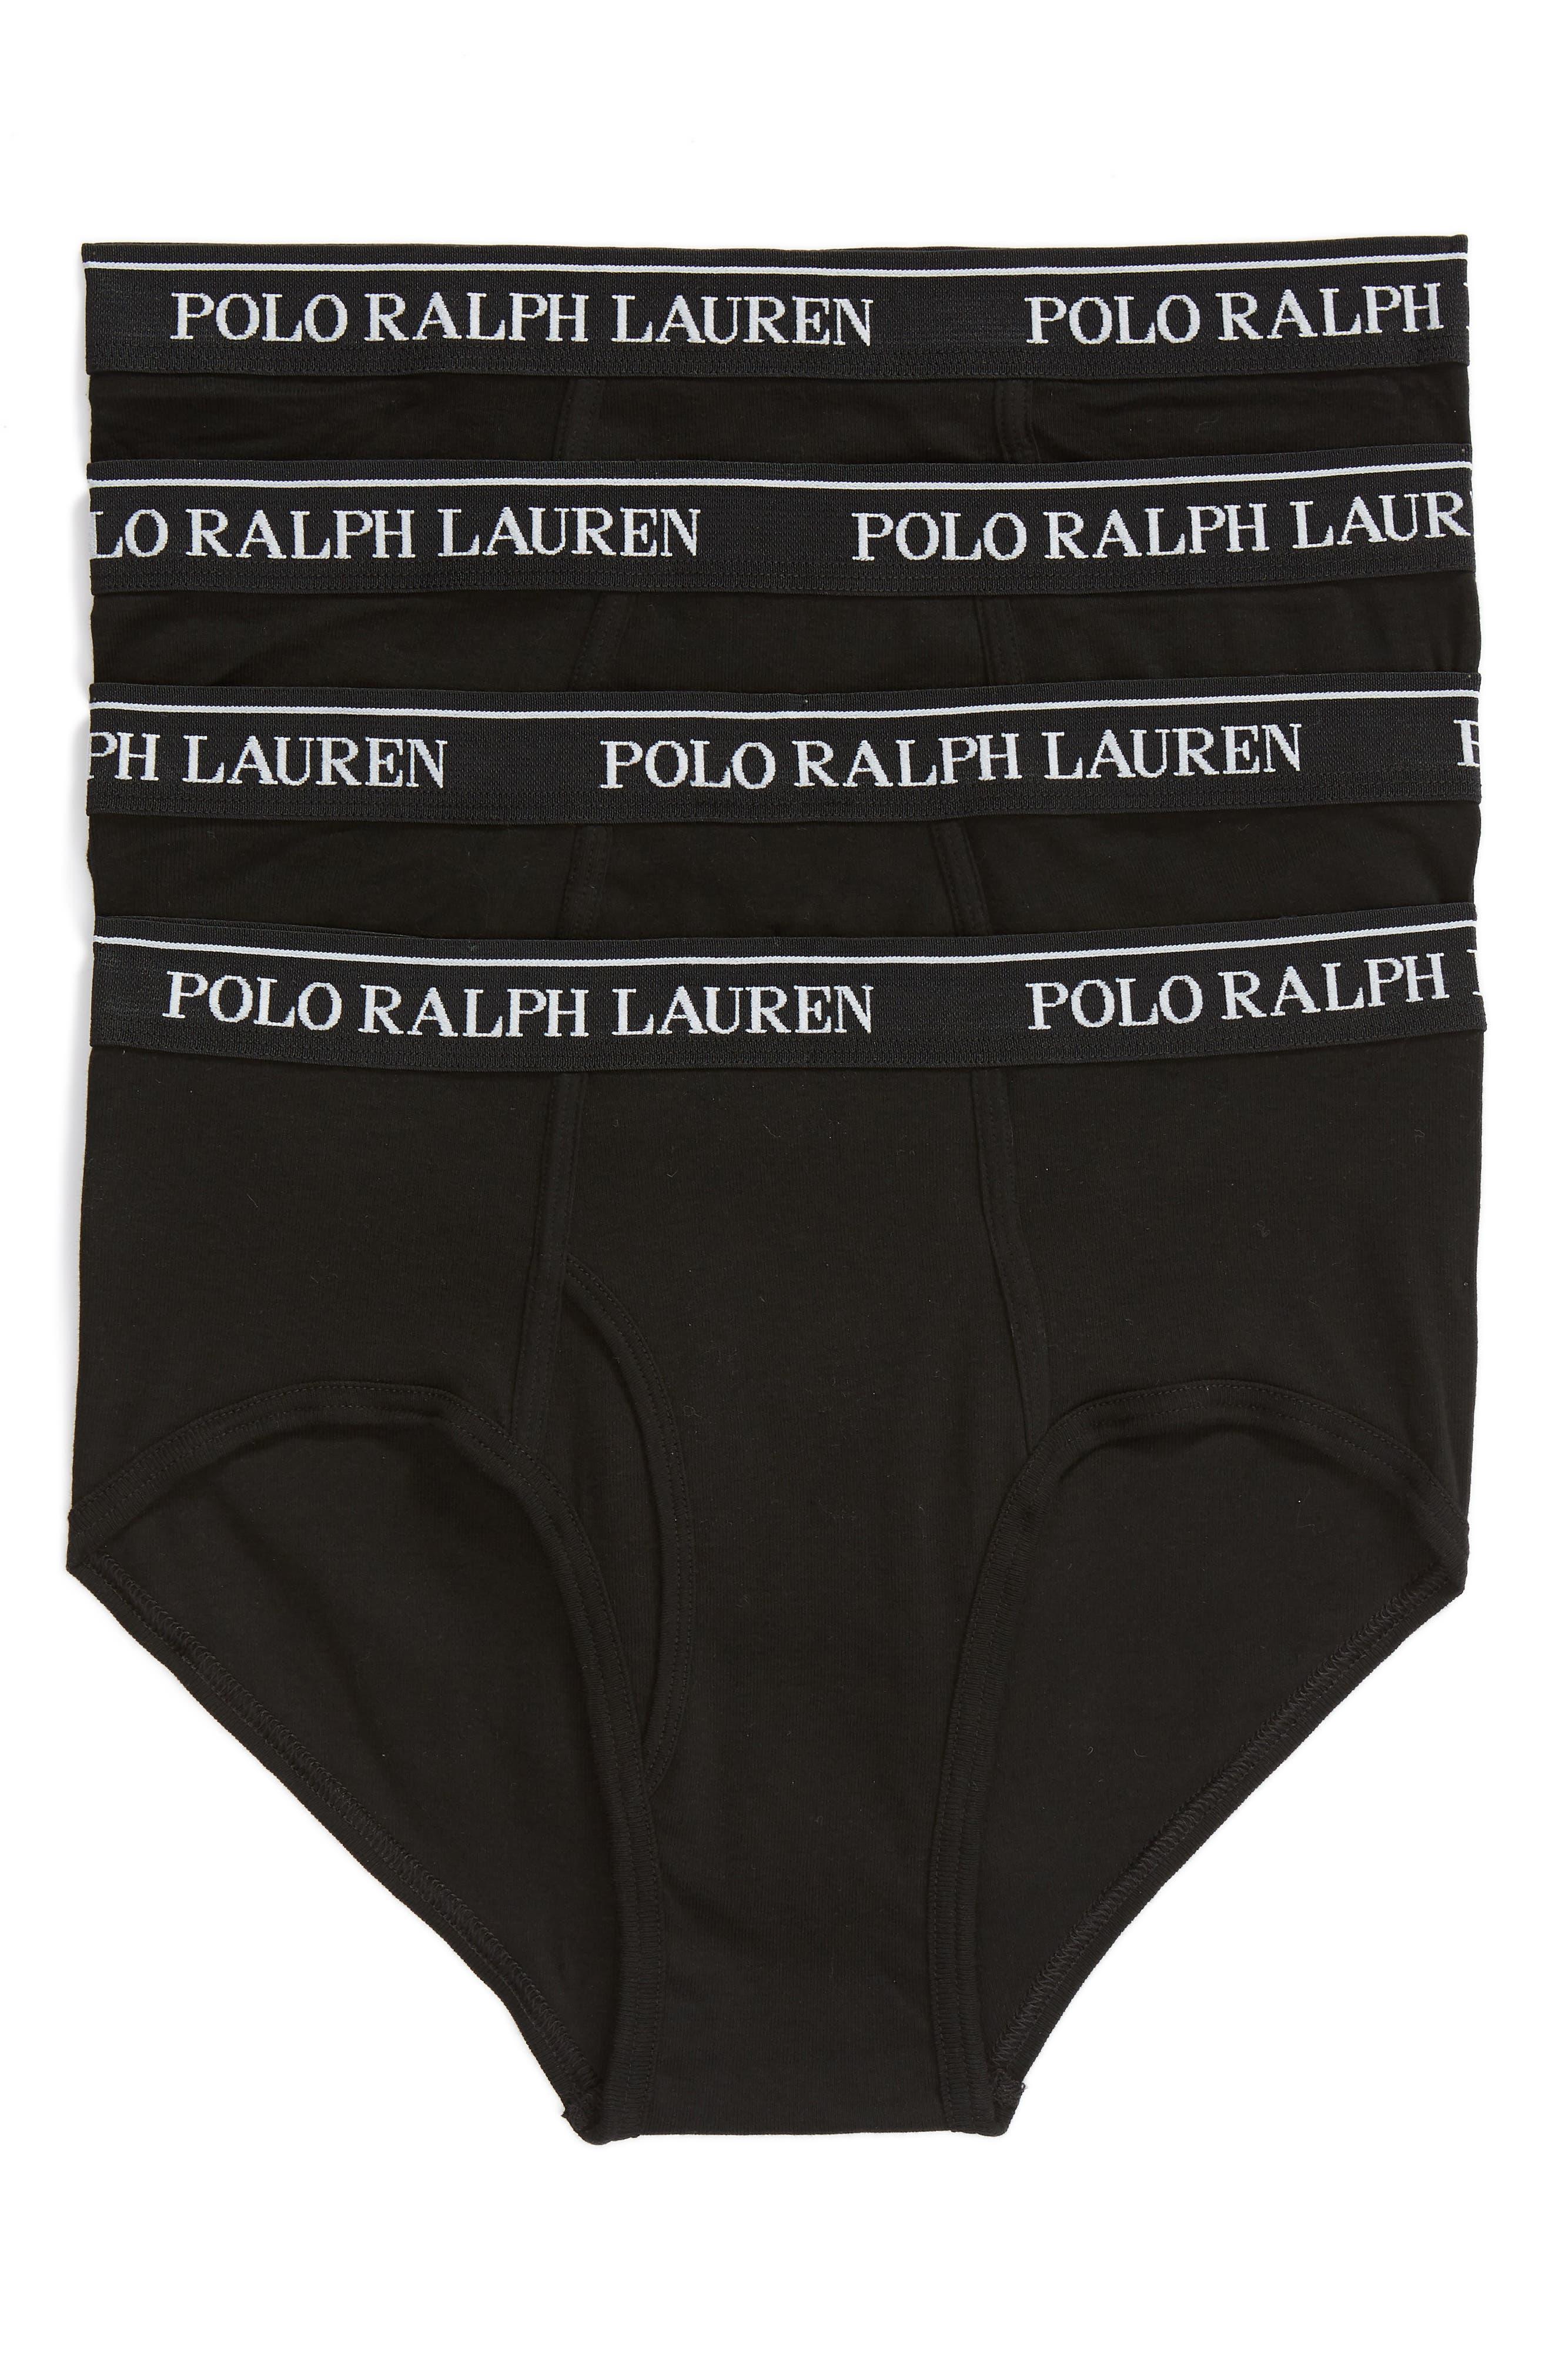 Polo Ralph Lauren 4-Pack Low Rise Cotton Briefs,                             Main thumbnail 1, color,                             POLO BLACK